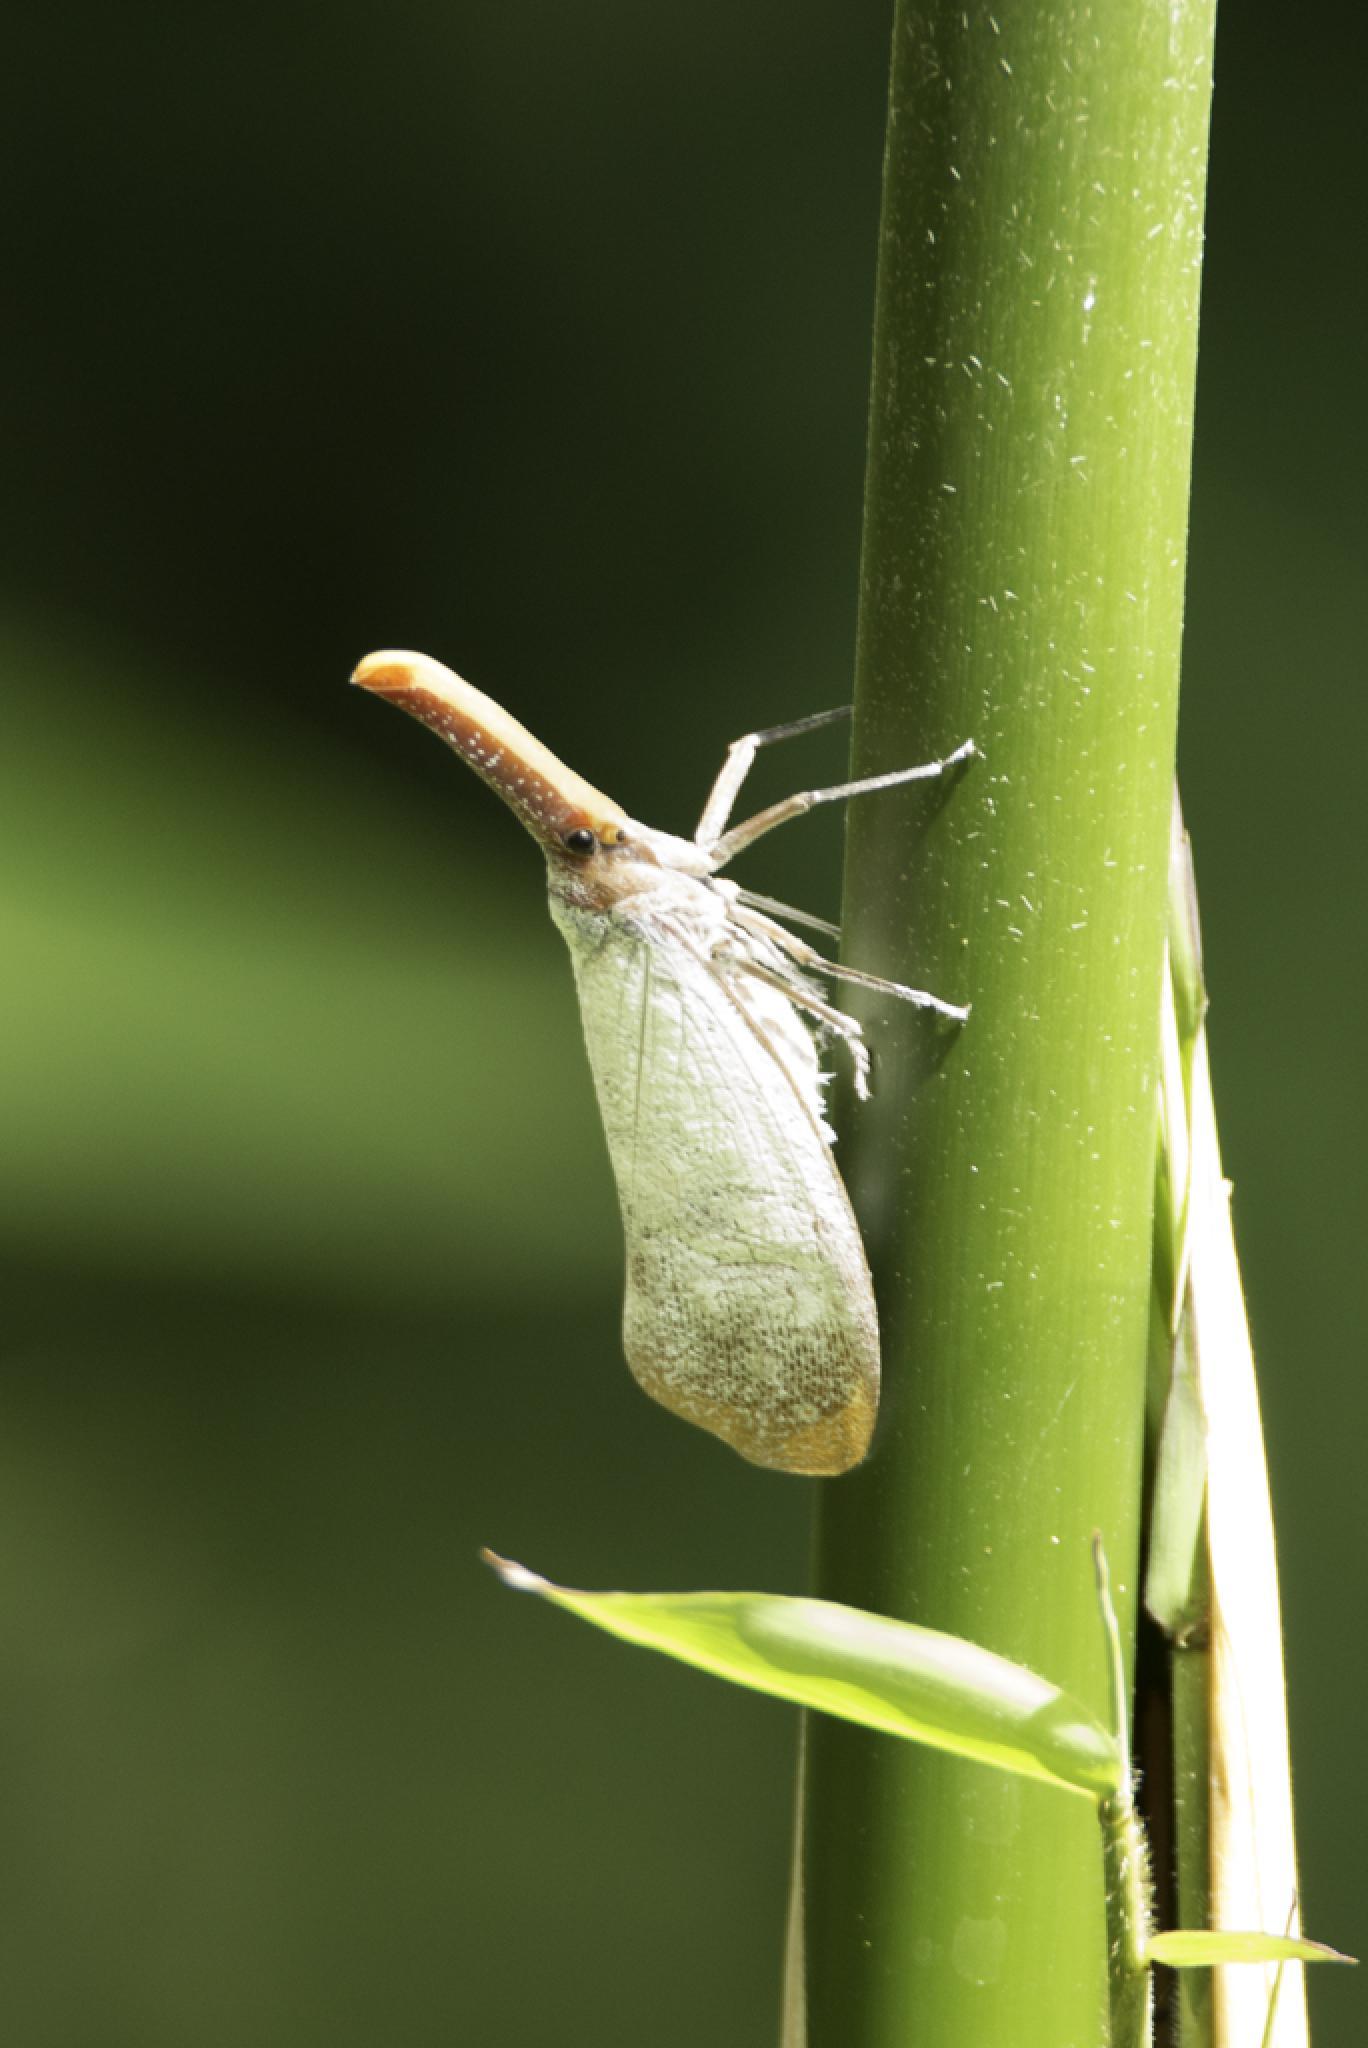 Lantern Beetle by chrisgnixon